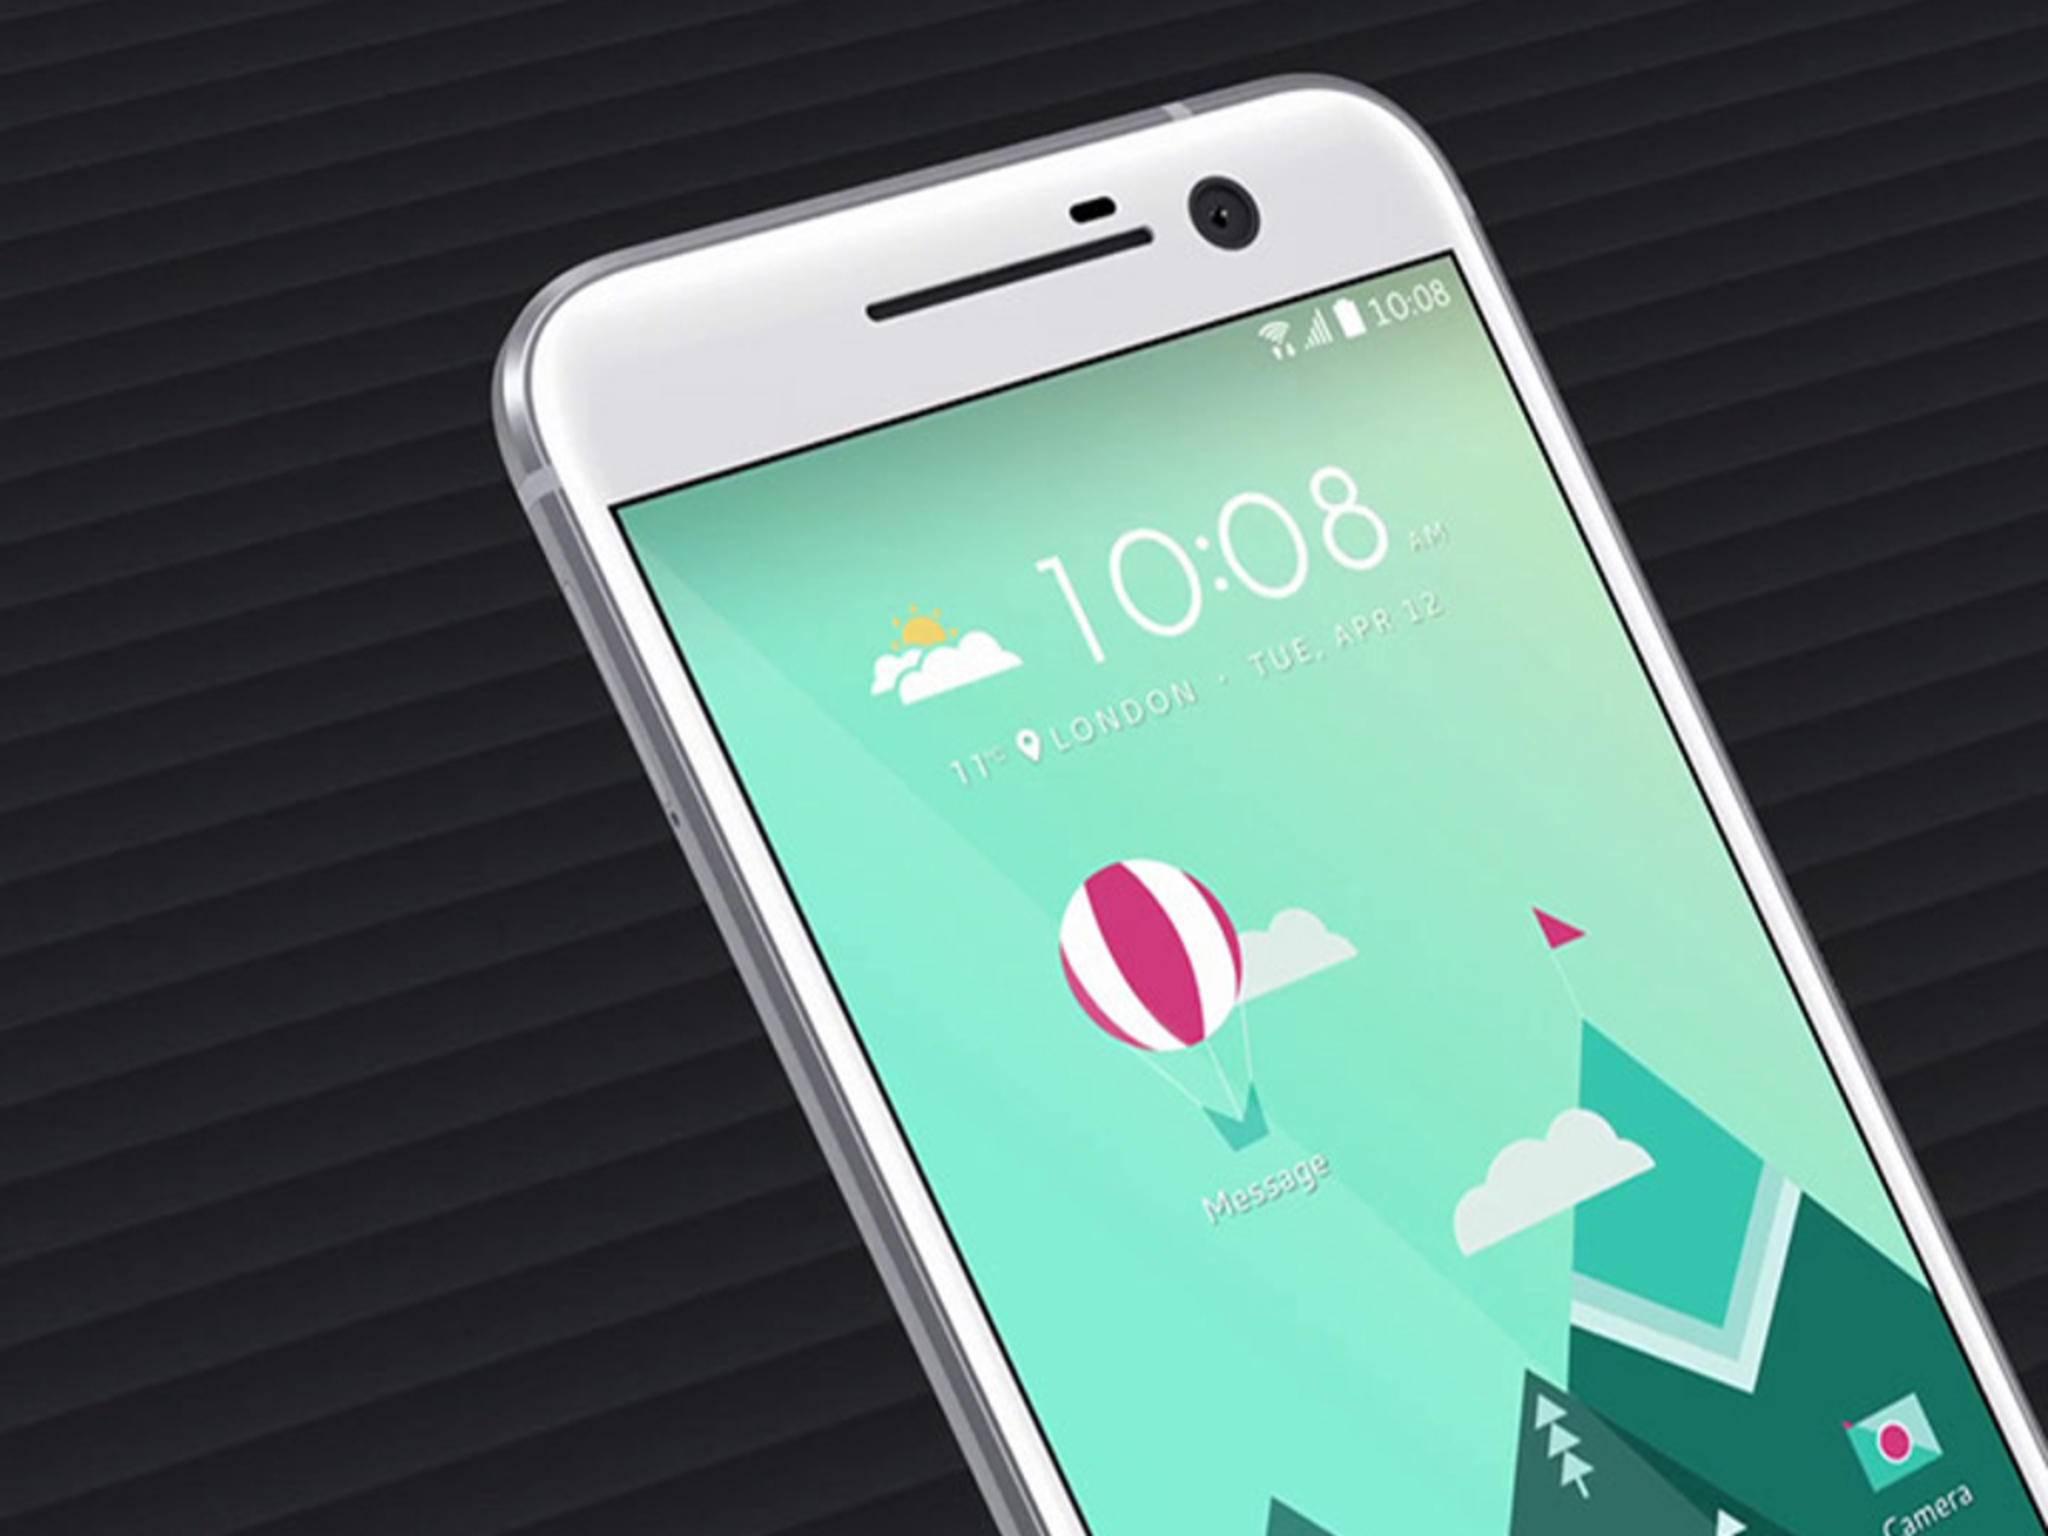 Mit dem Ladegerät des Pixel C verträgt sich das HTC 10 anscheinend nicht.